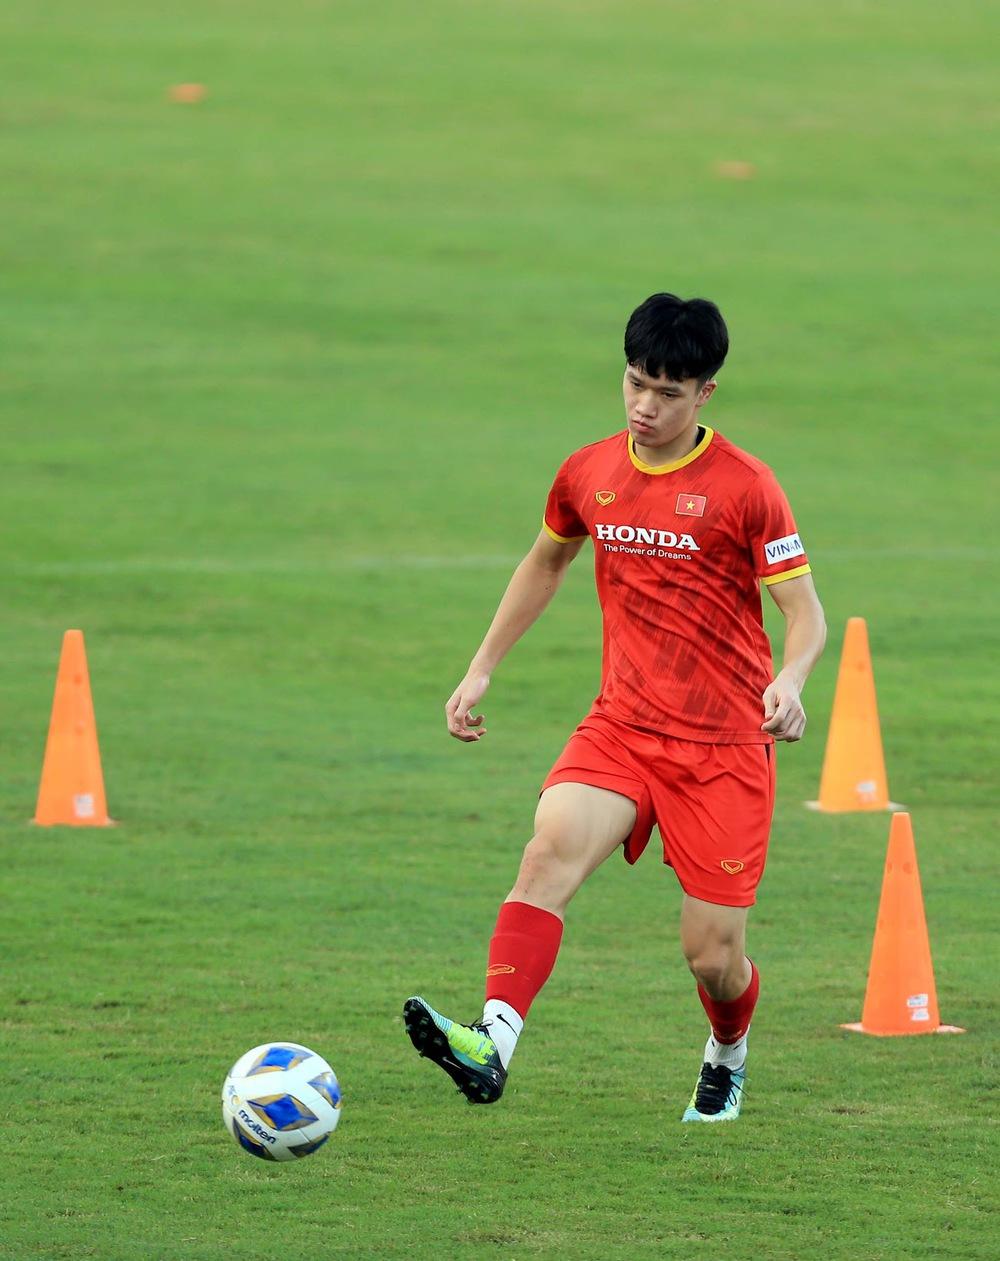 Thêm một cầu thủ U22 được bổ sung lên đội tuyển Việt Nam cho chiến dịch Vòng loại World Cup 2022 - Ảnh 17.